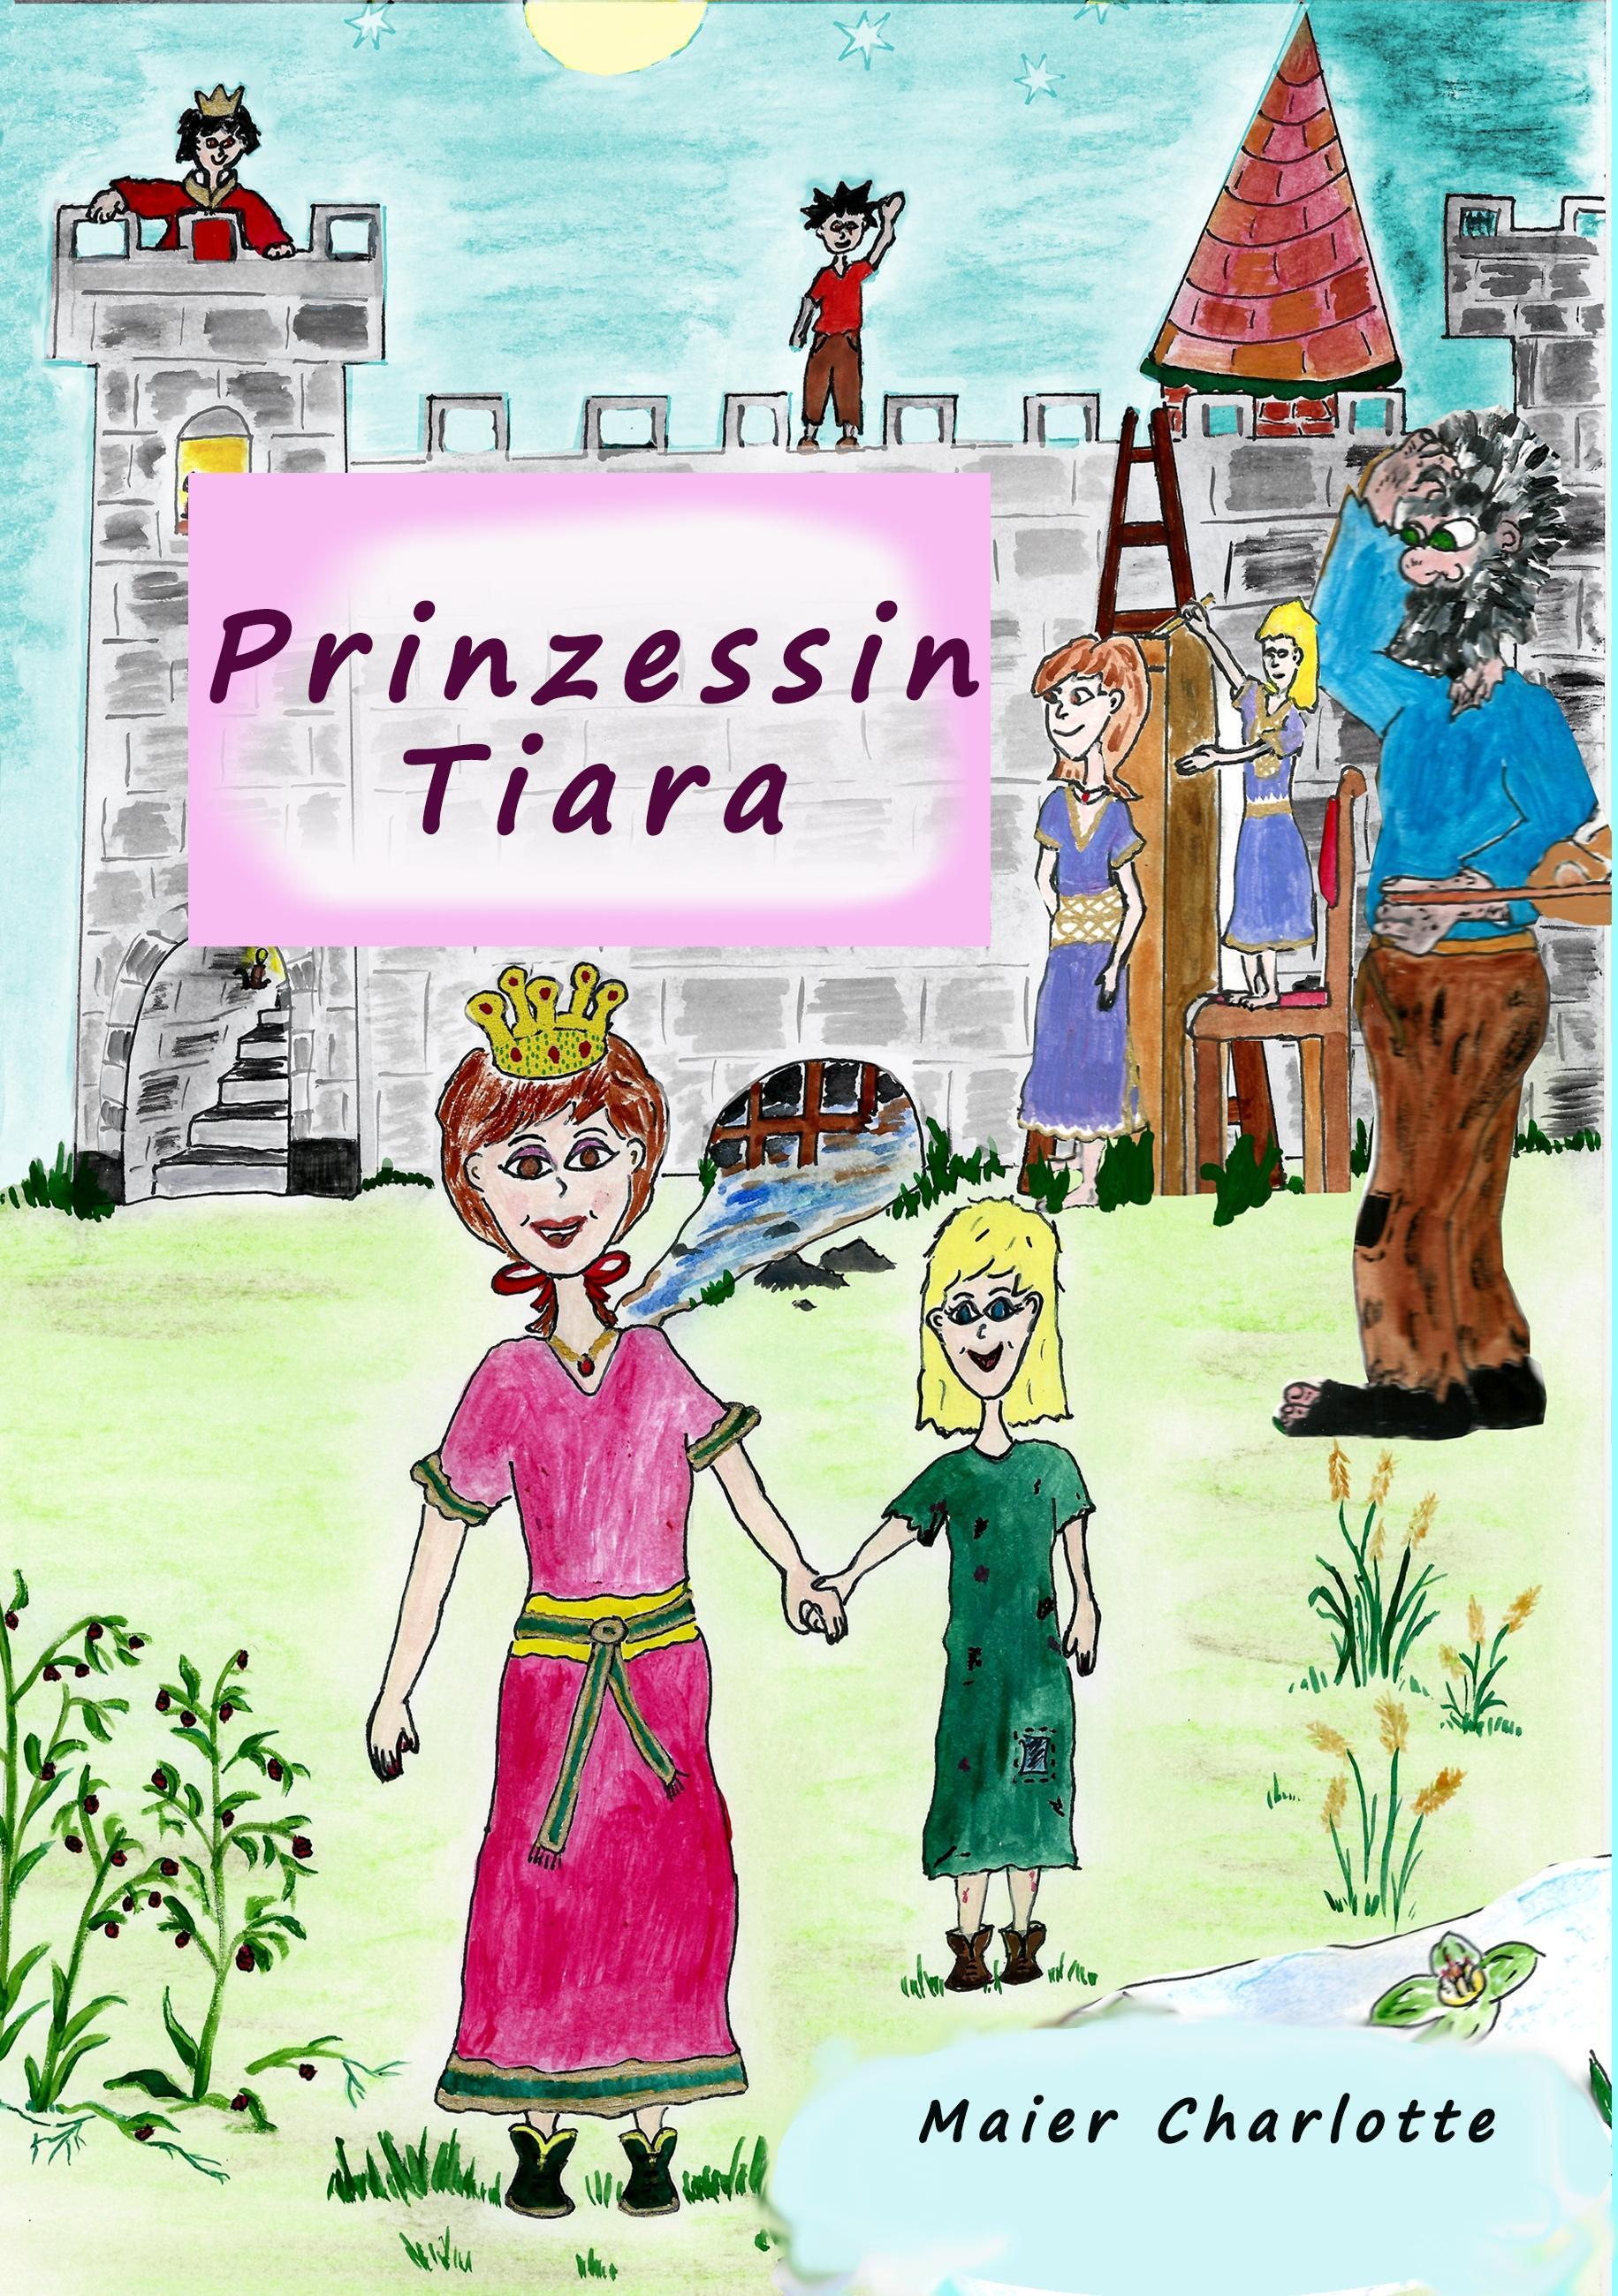 Prinzessin Tiara